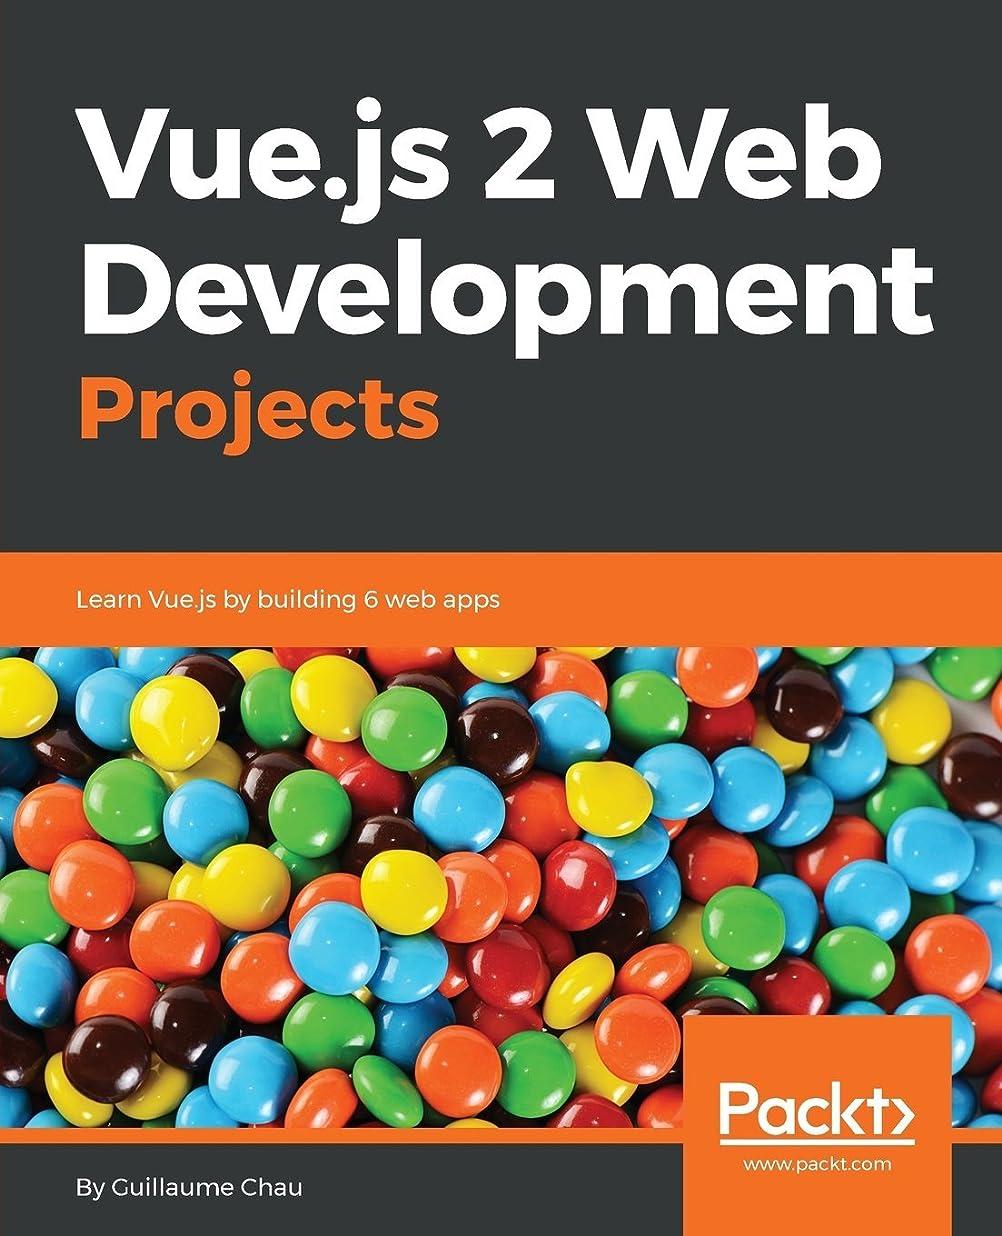 エンジニア運命的な折Vue.js 2 Web Development Projects: Learn Vue.js by building 6 web apps